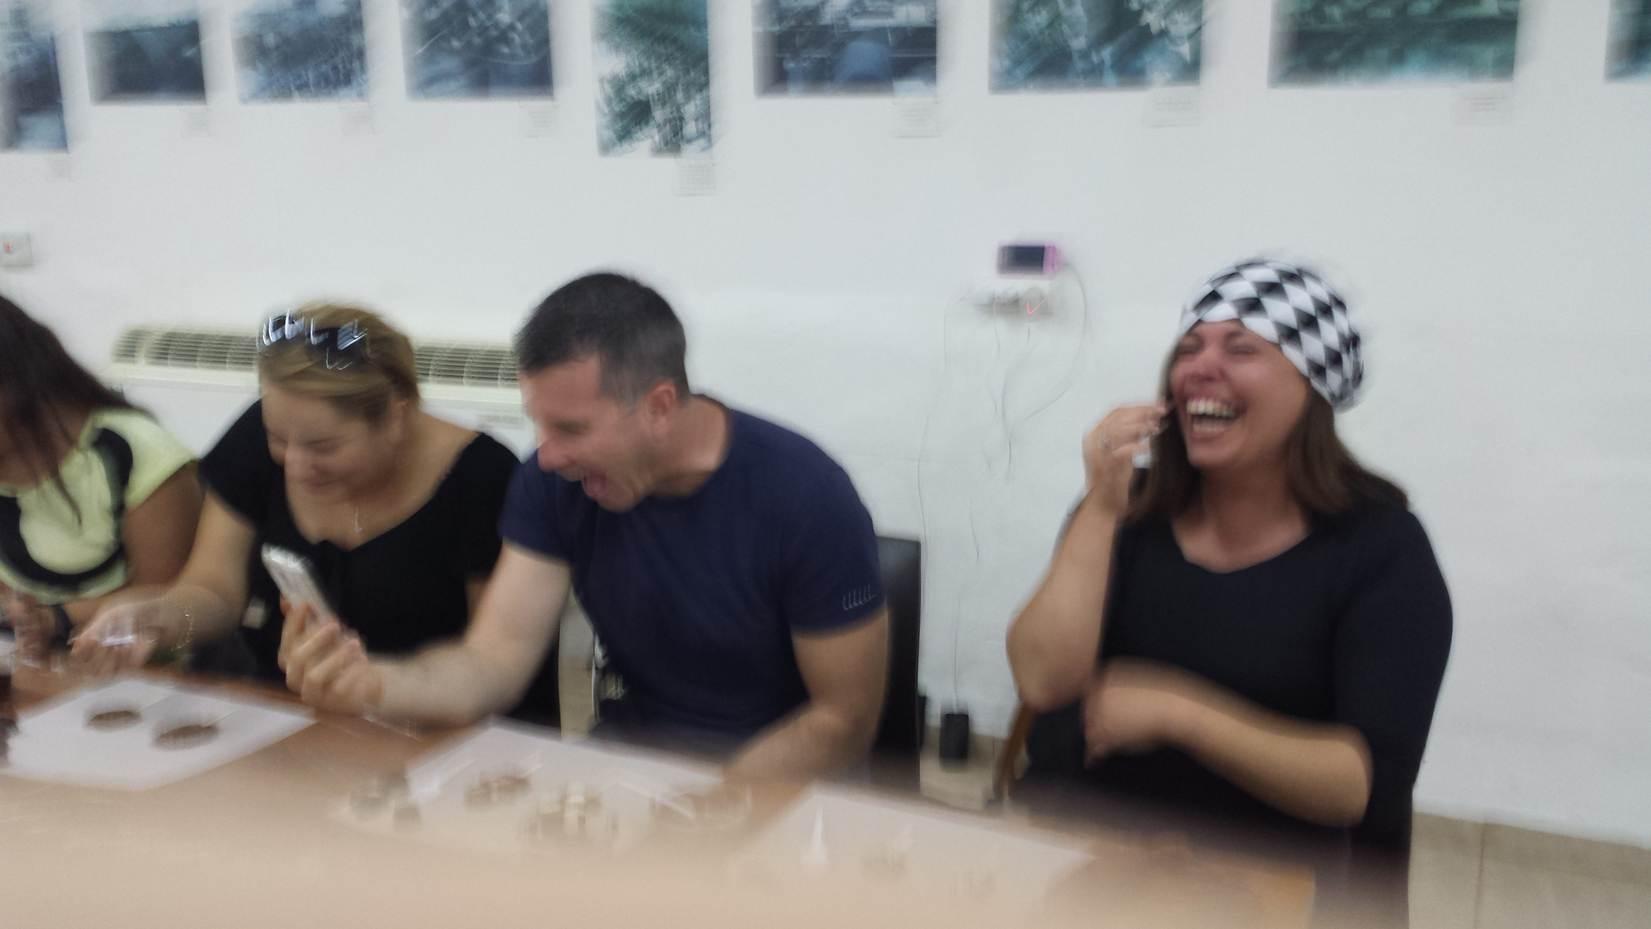 החברים צוחקים בשולחן